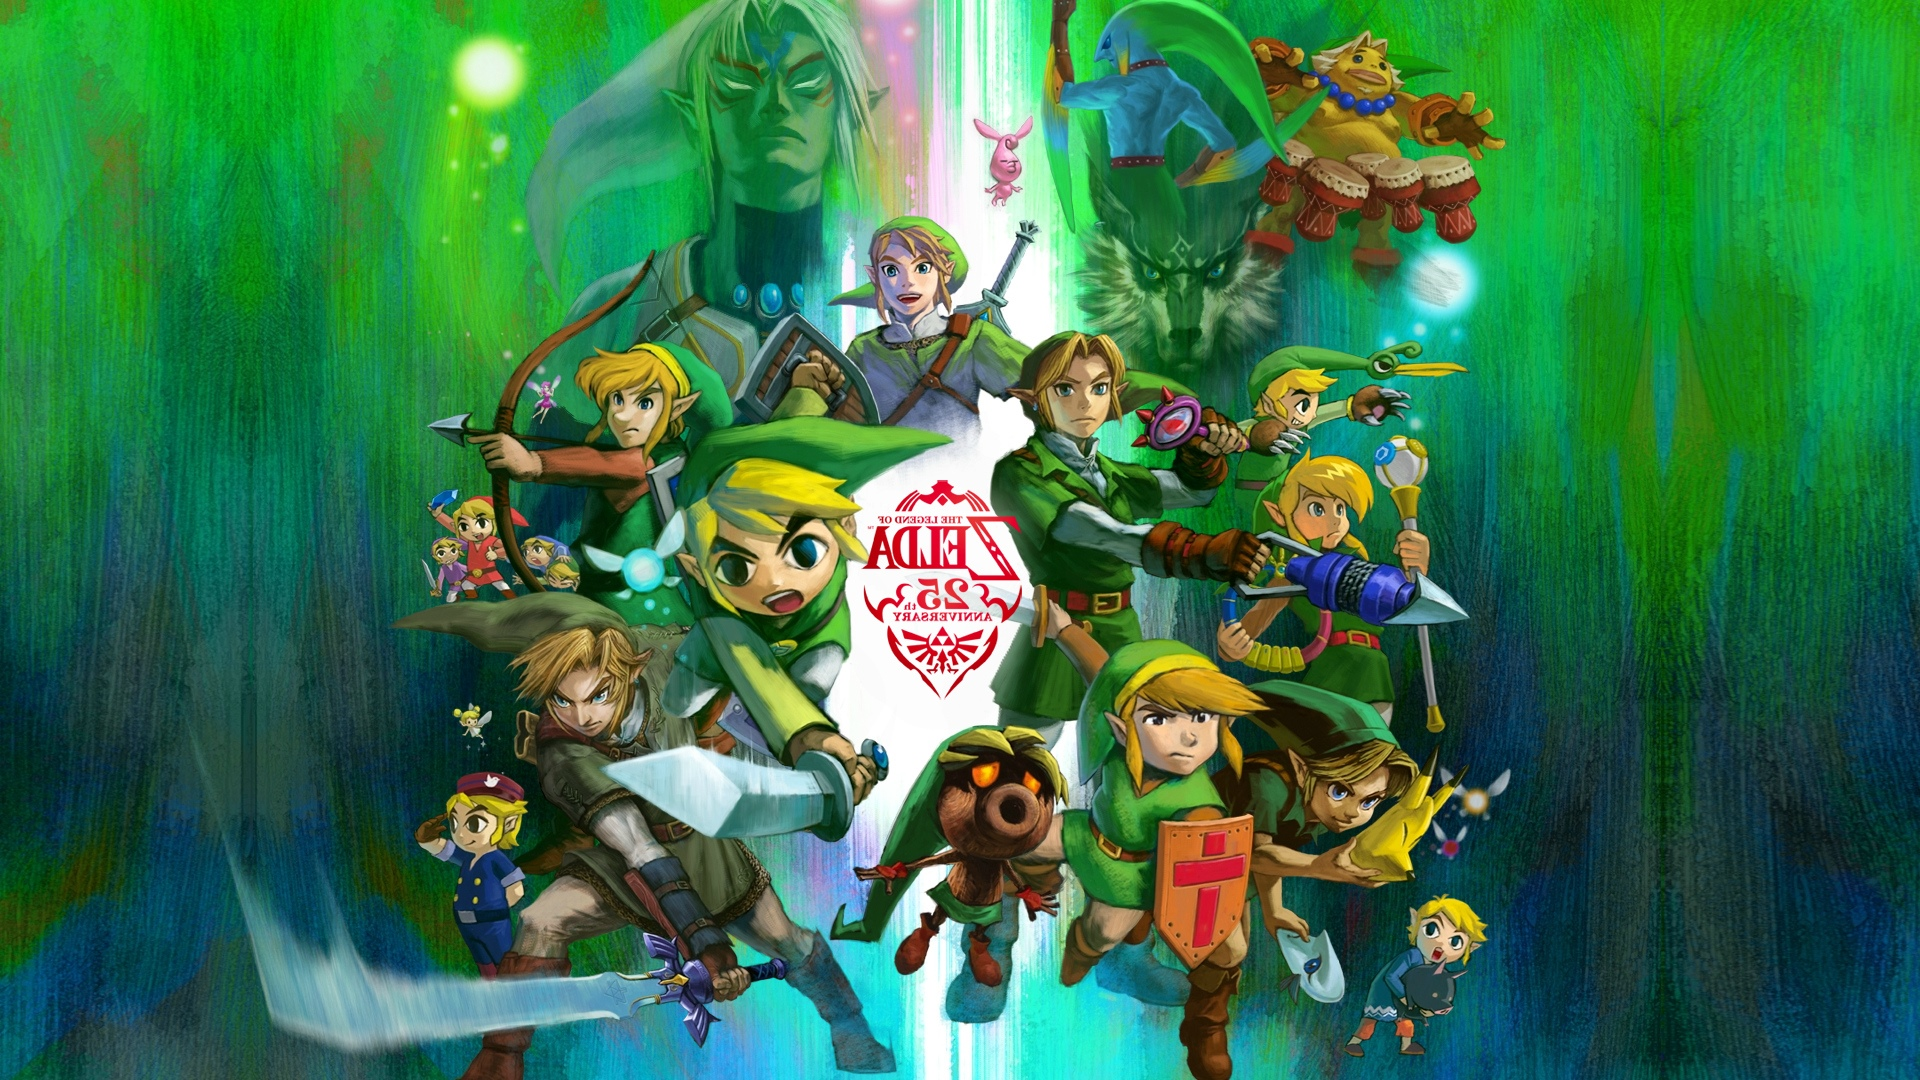 The Legend Of Zelda Wallpaper Hd 1080p Zelda 1080p 861131